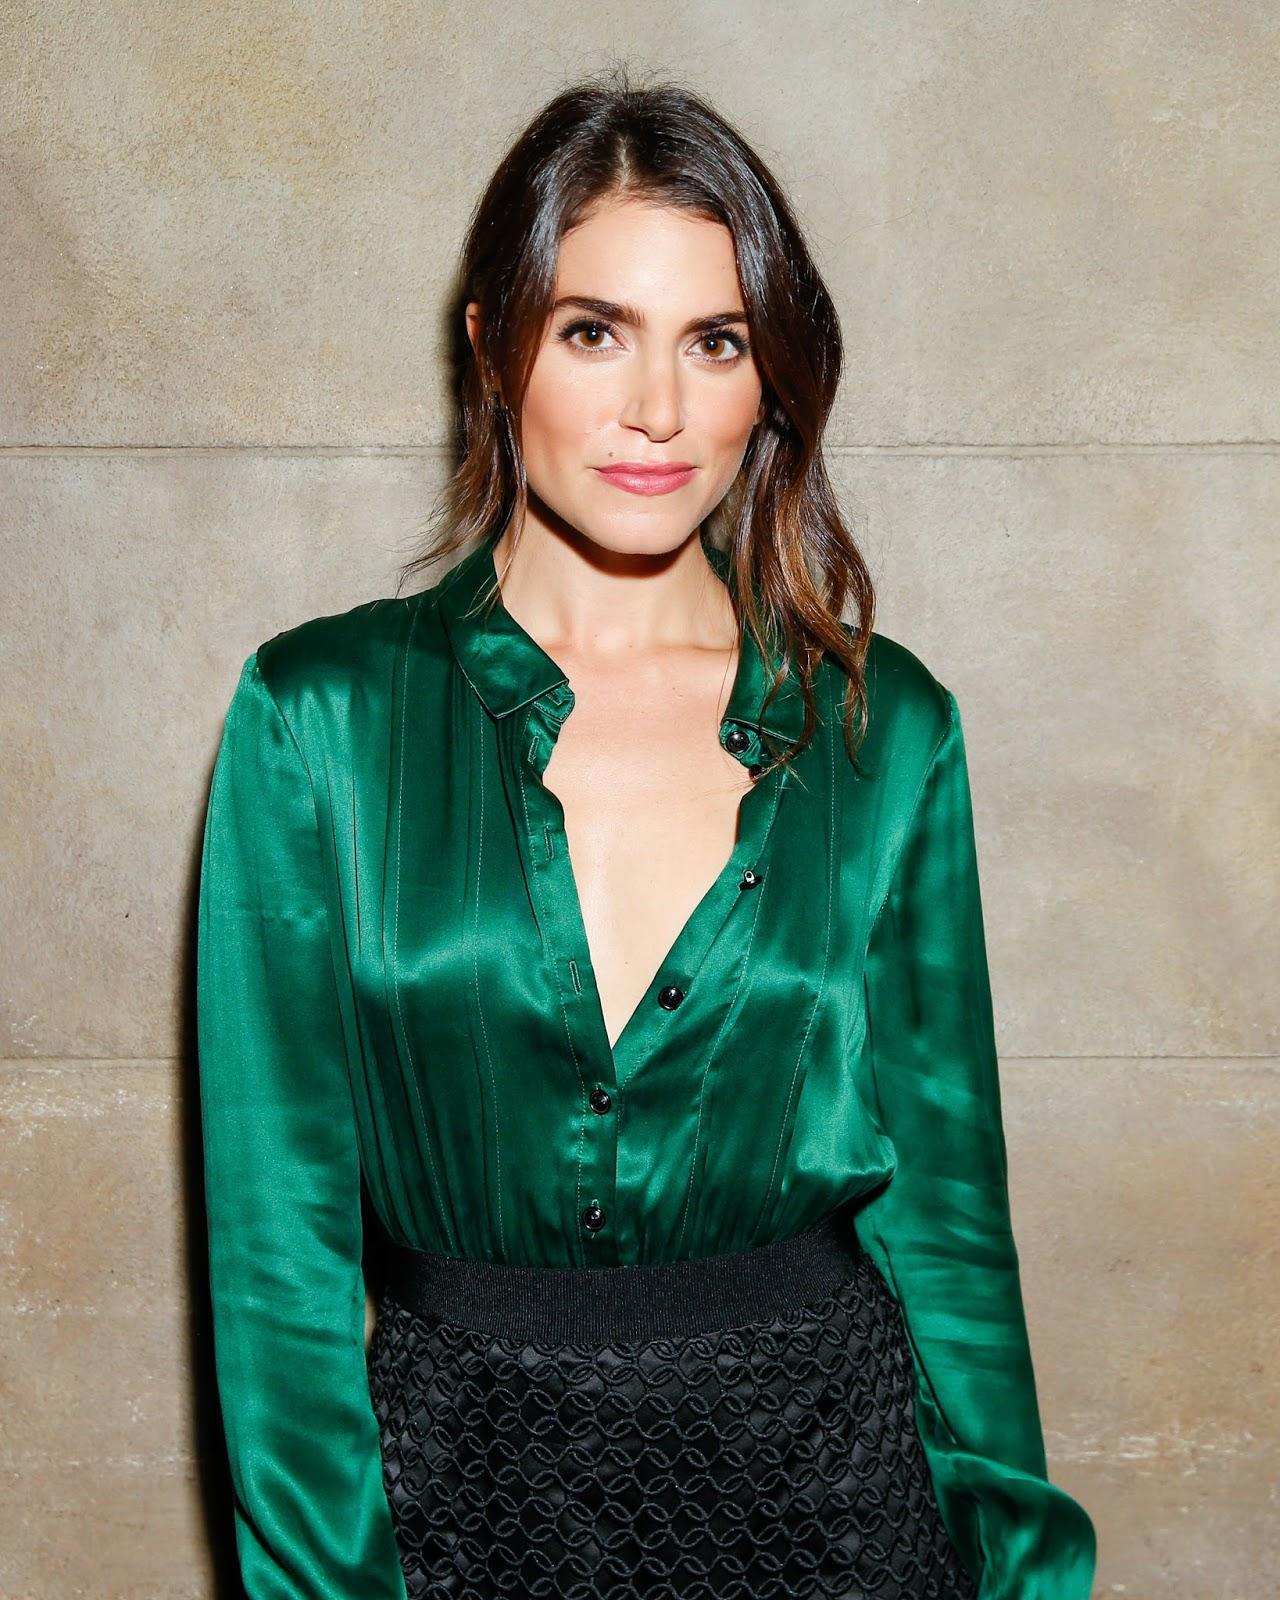 9bfe74e5625 Ladies in Satin Blouses: Nikki Reed - green satin blouse